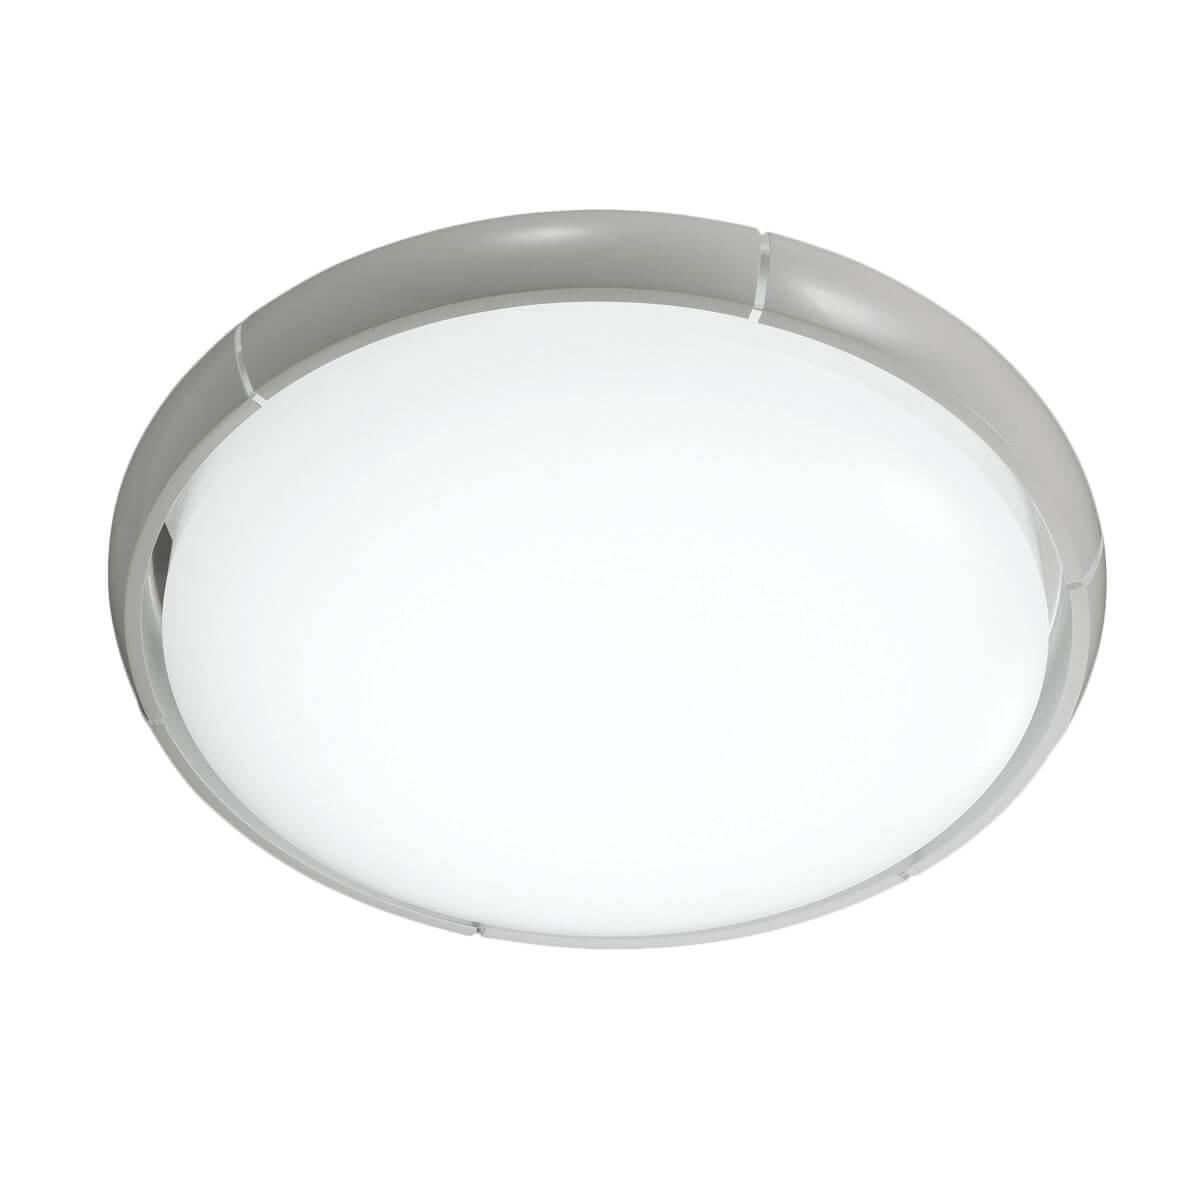 Настенно-потолочный светодиодный светильник Sonex Savola 2028/C цена